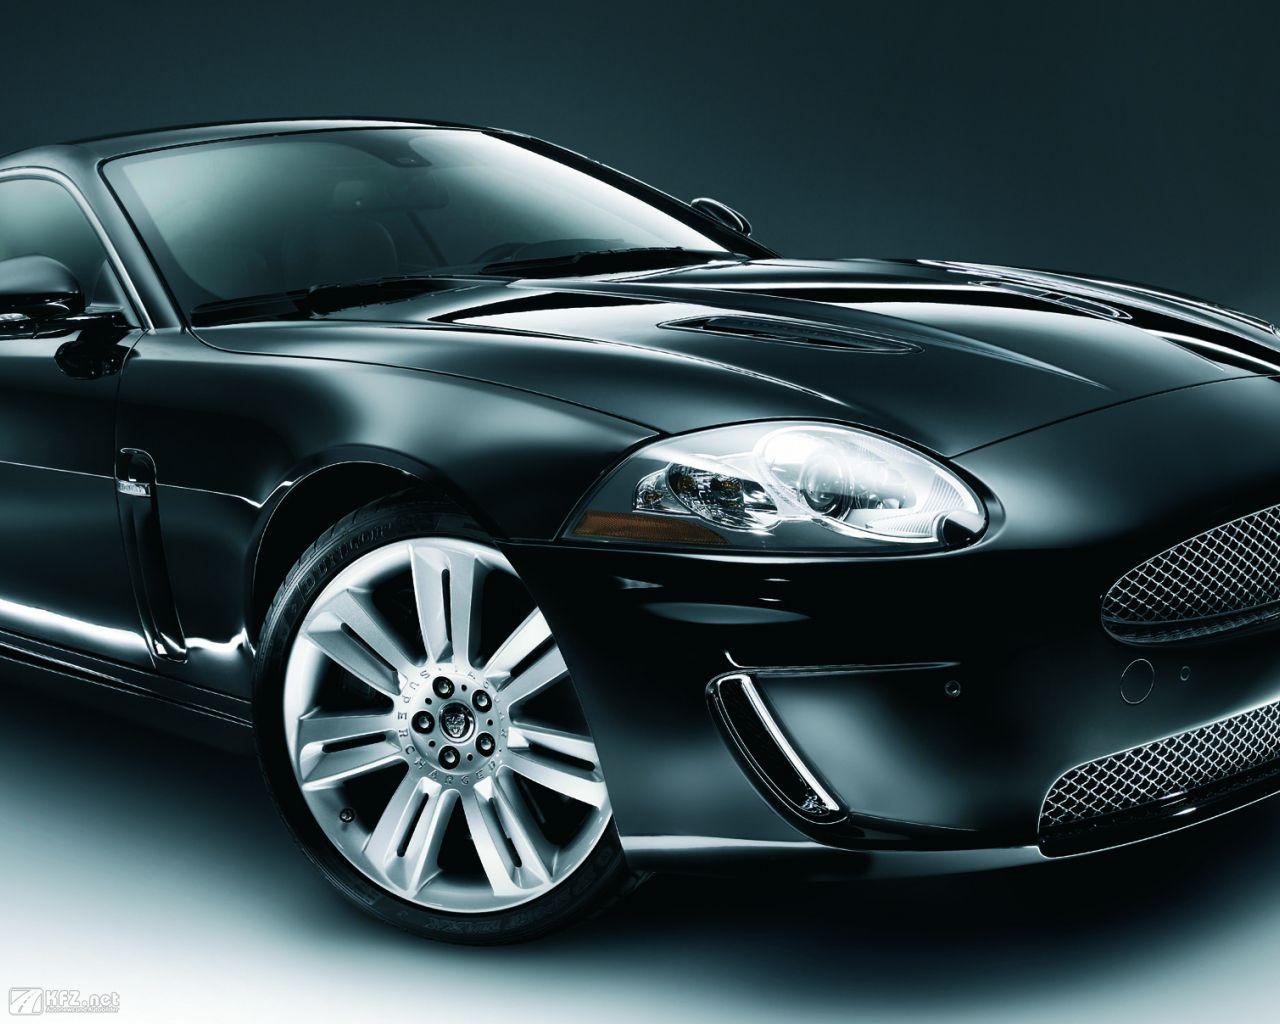 jaguar-xk8-1280x1024-10